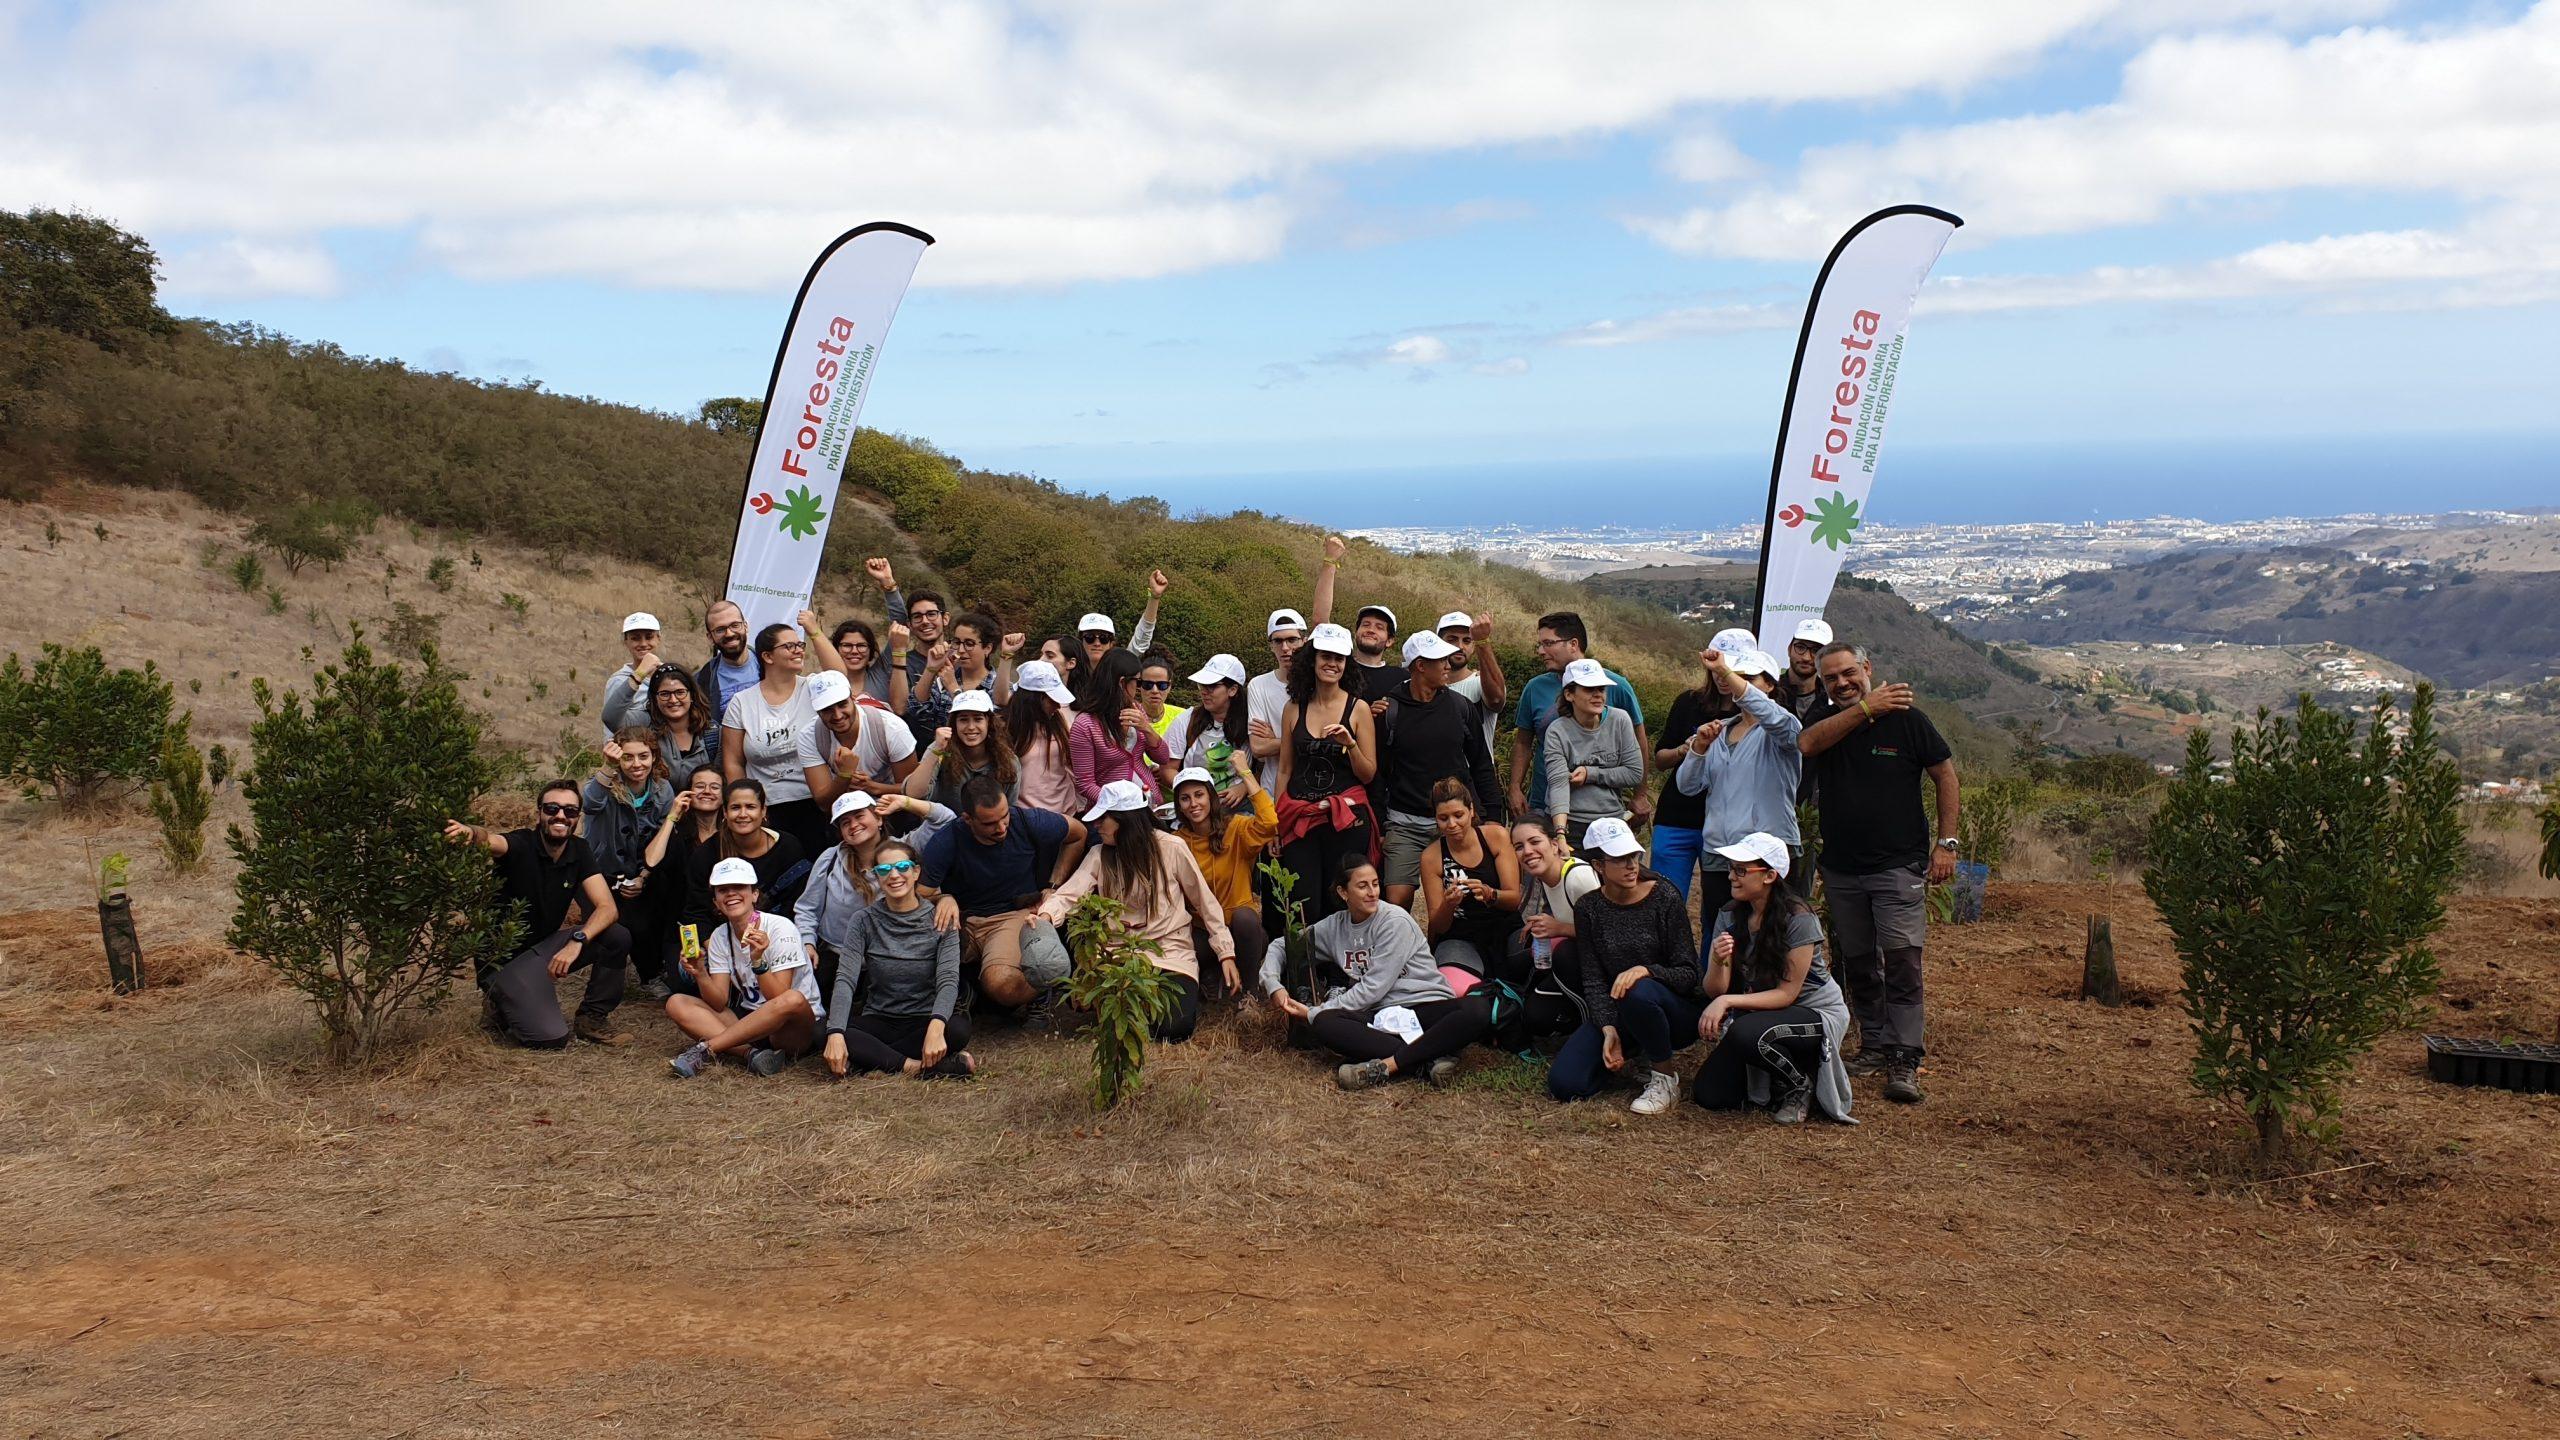 Foresta celebra su 22º aniversario con la reforestación de más de 548.000 árboles en la cumbre de Gran Canaria